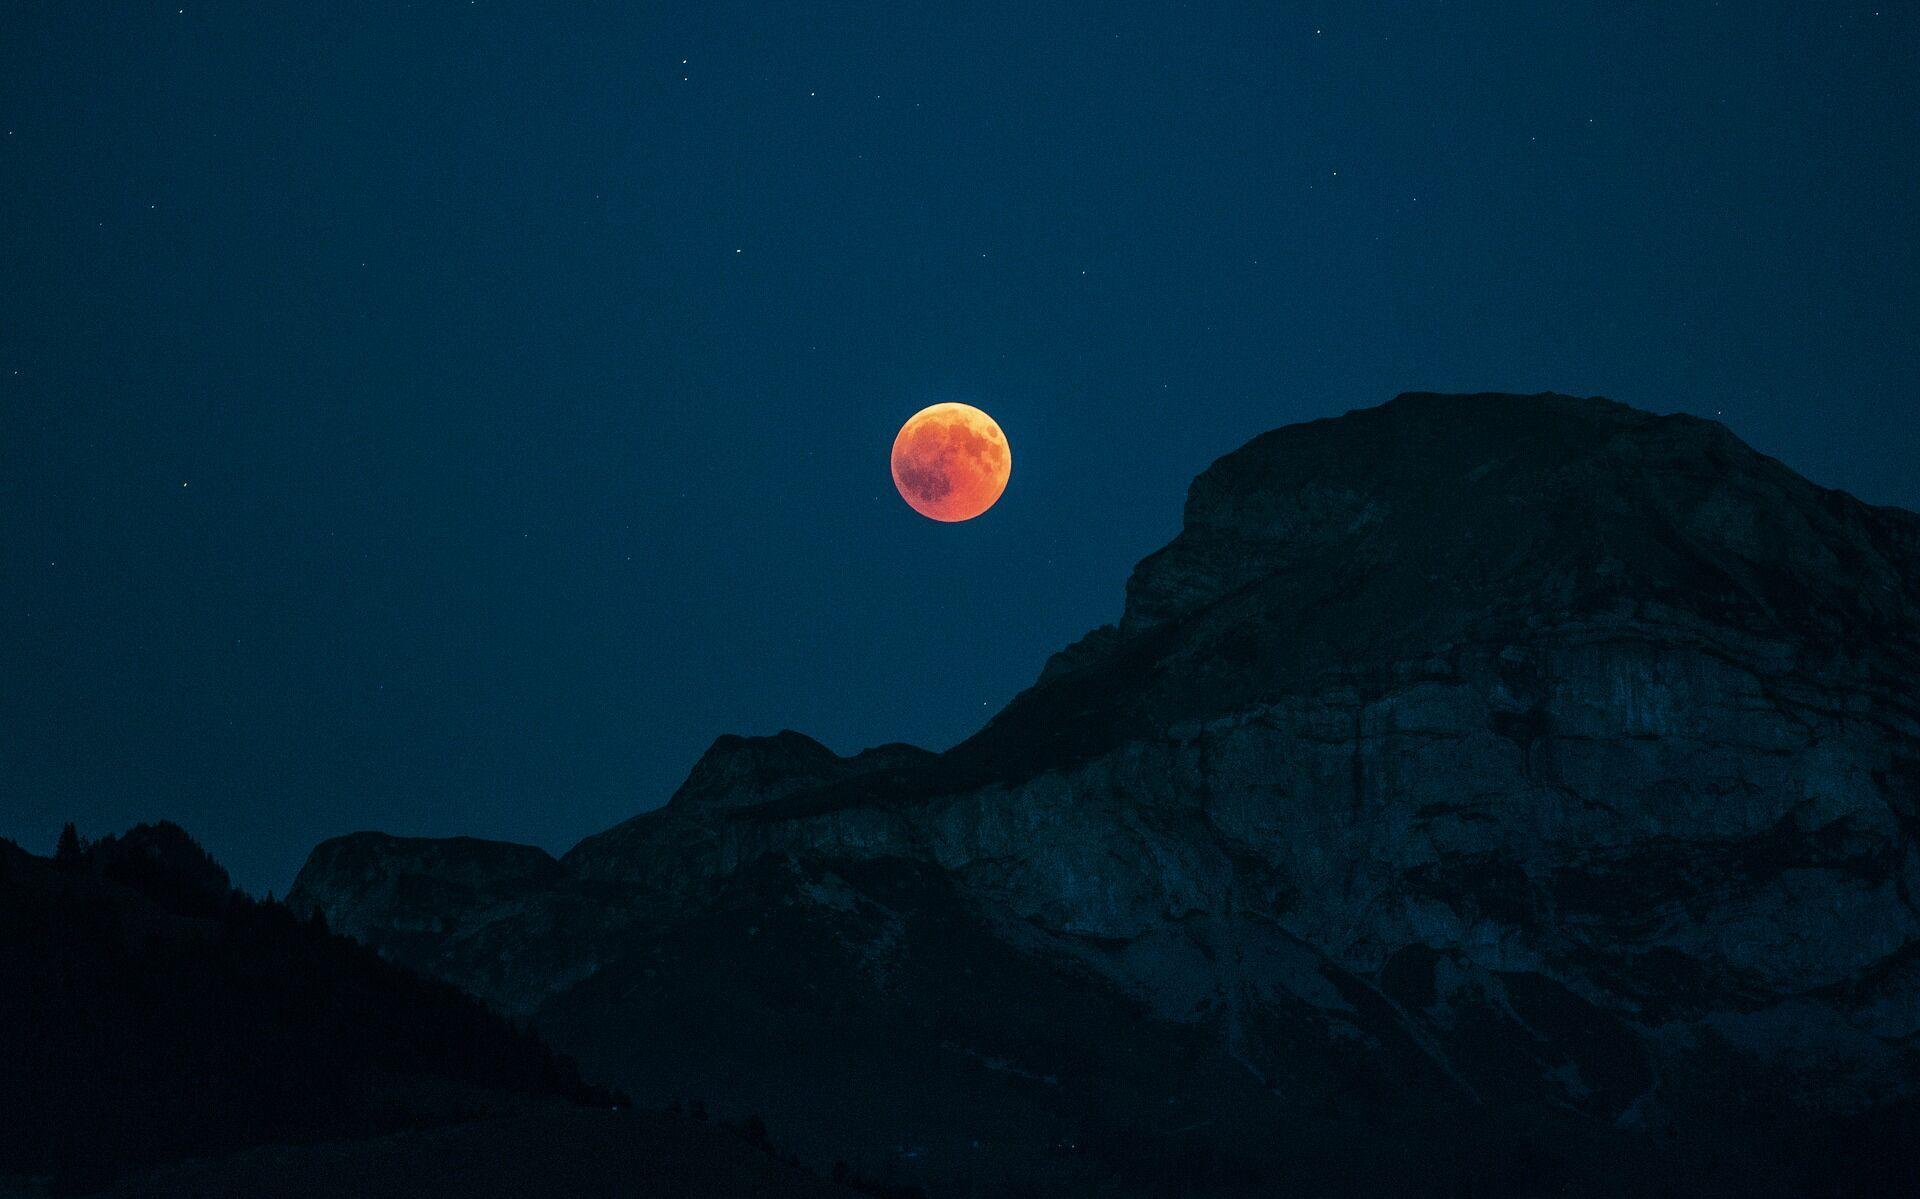 В ночном небе 26 мая будут видны Кровавая Луна и суперлуние